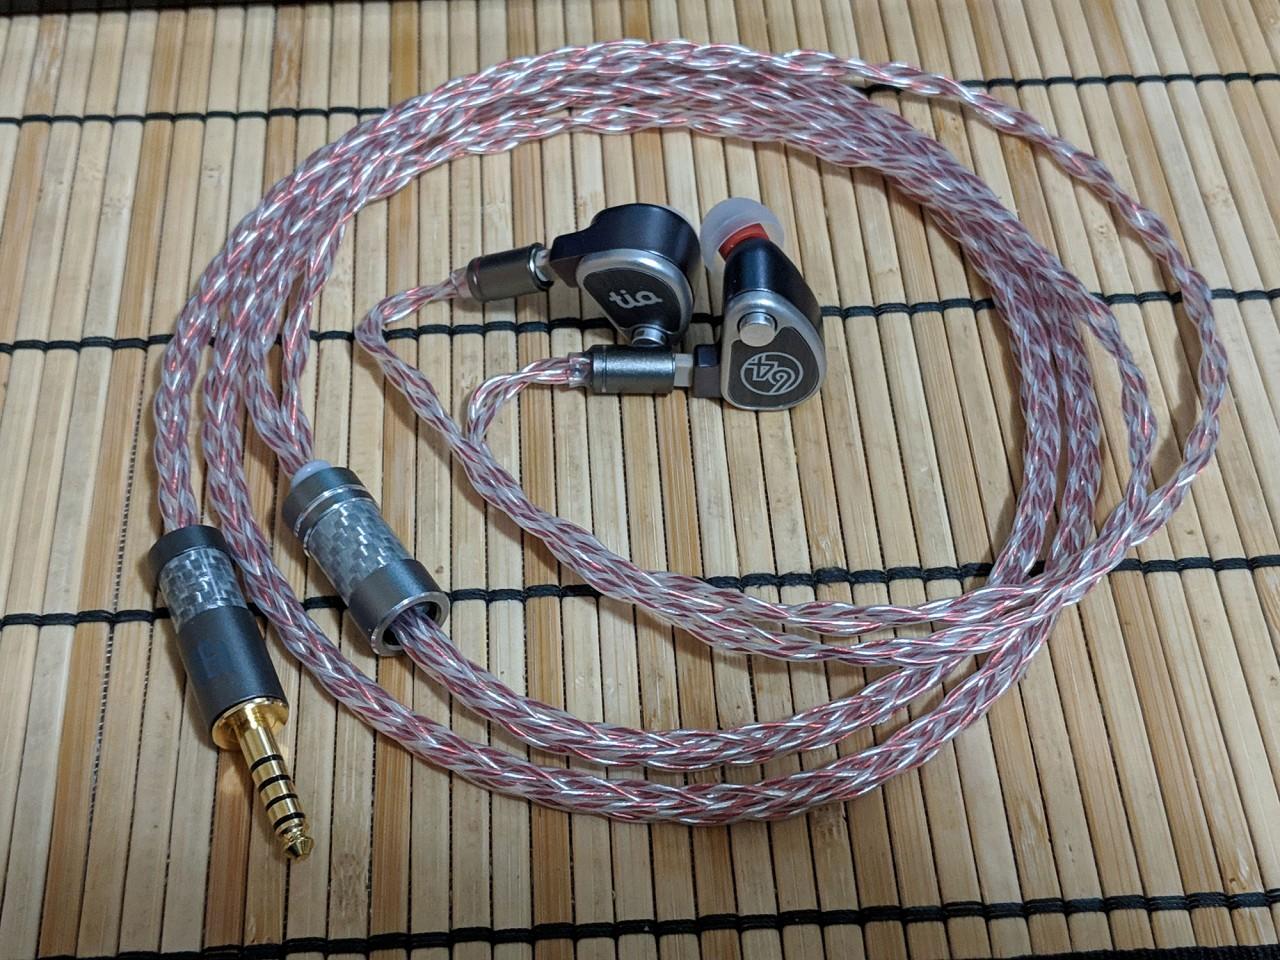 Norne Audio Vorpal Series Type 4 OCC Litz (4 / 8 wire) IEM